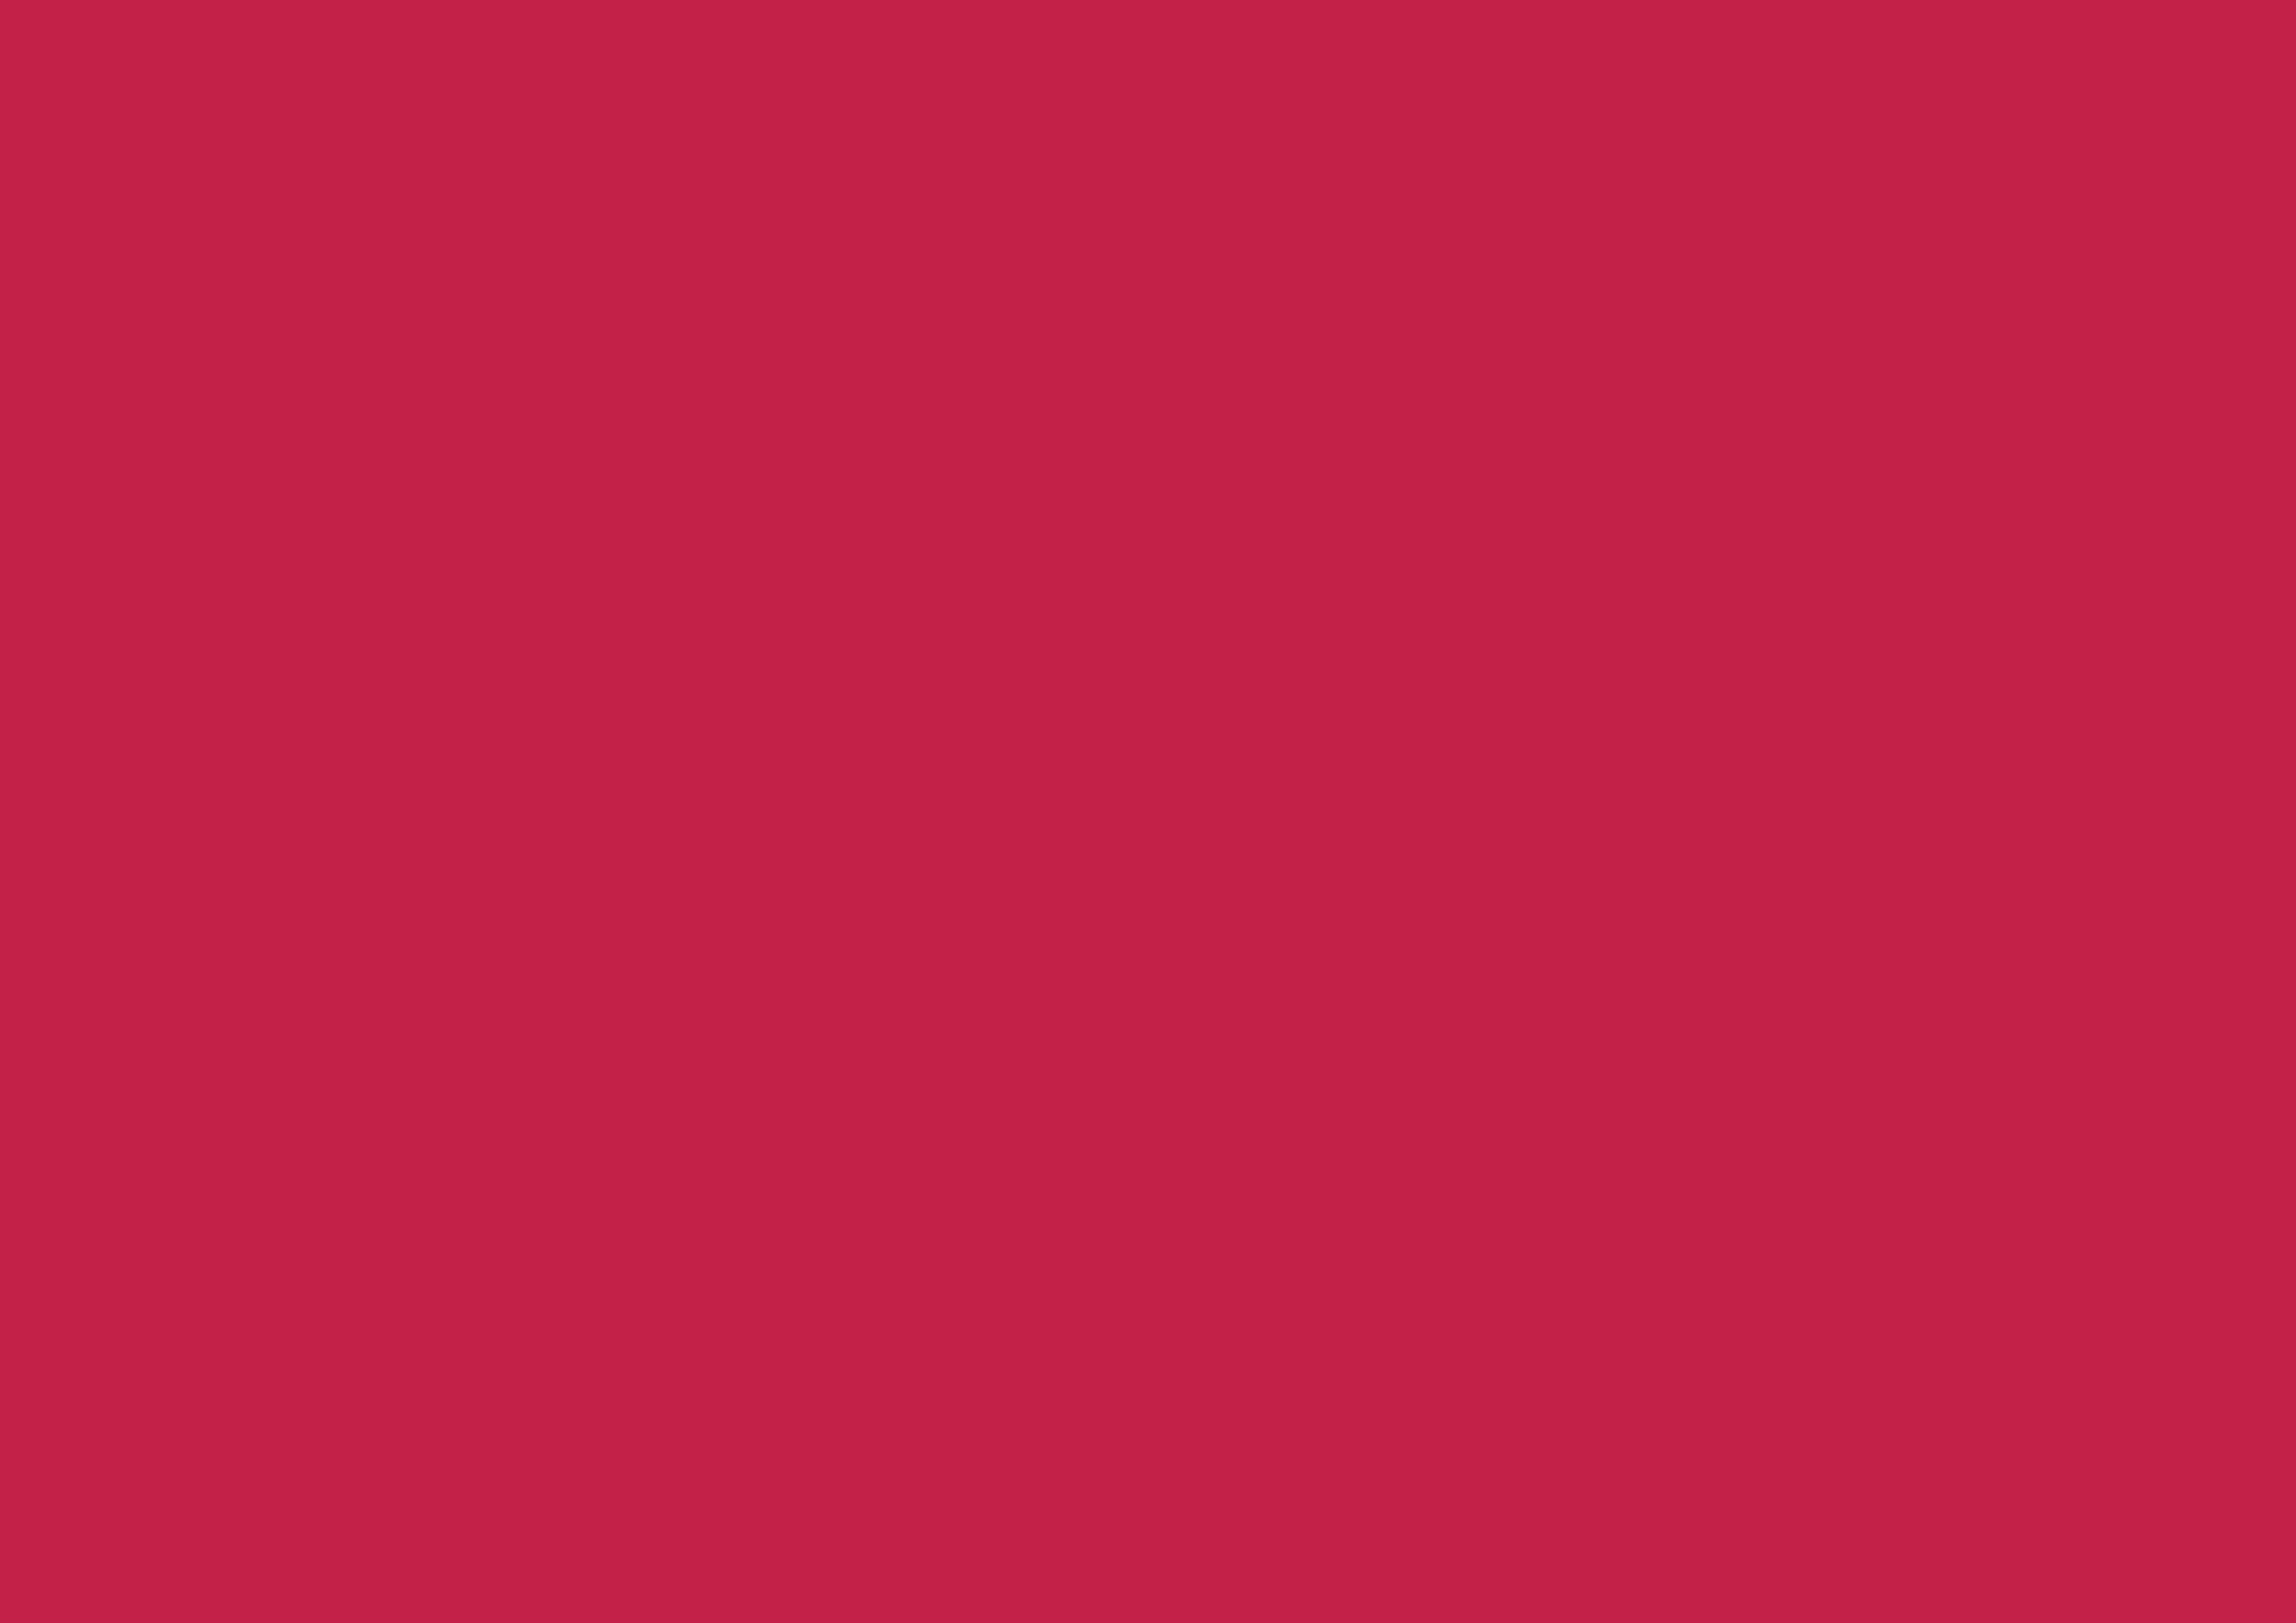 3508x2480 Maroon Crayola Solid Color Background